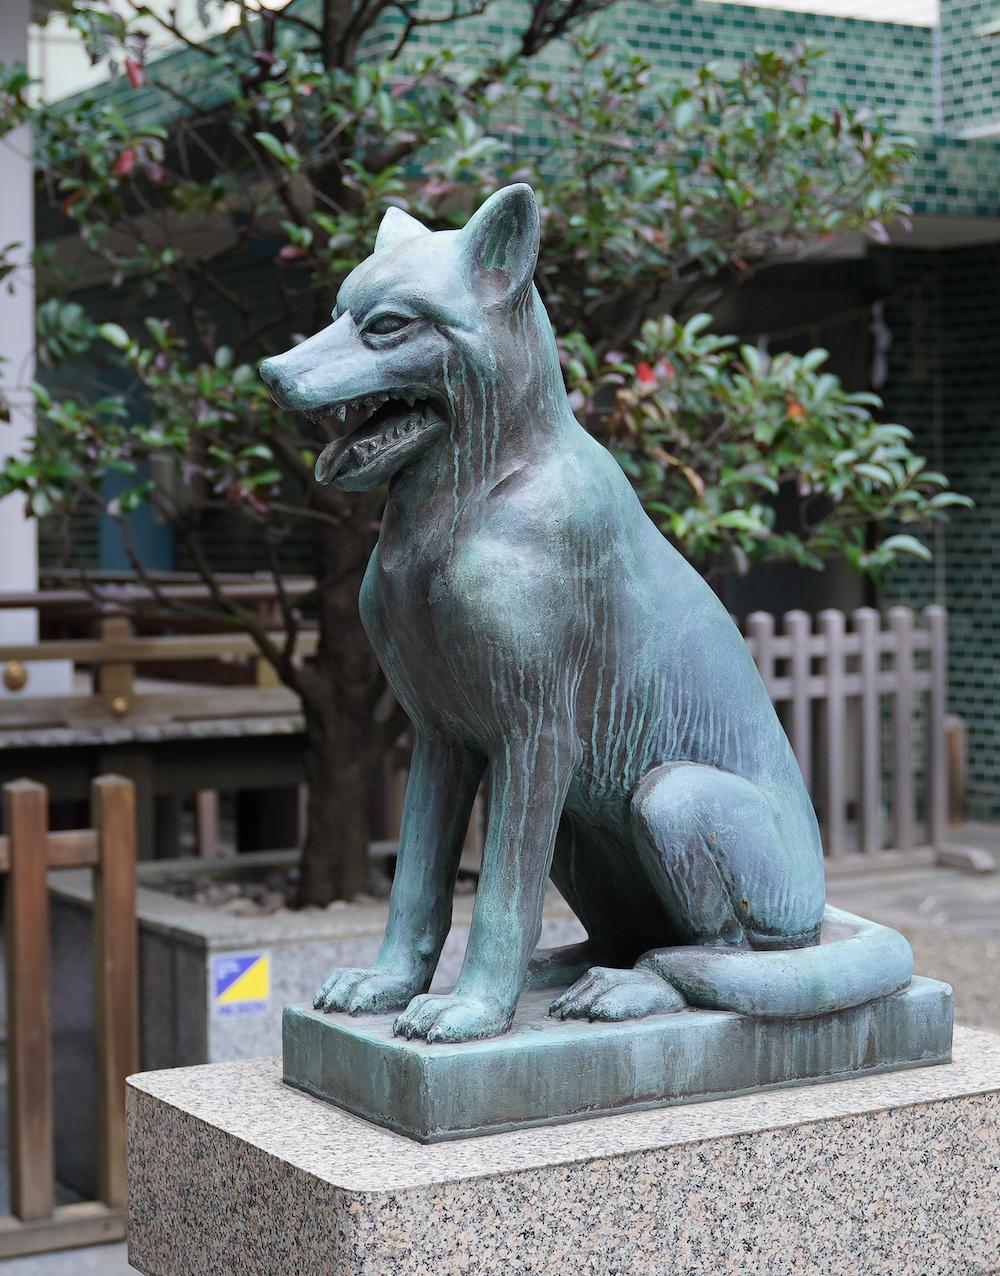 宮益御嶽神社の日本狼による狛犬(2019年11月2日)(C)SHUN ONLINE